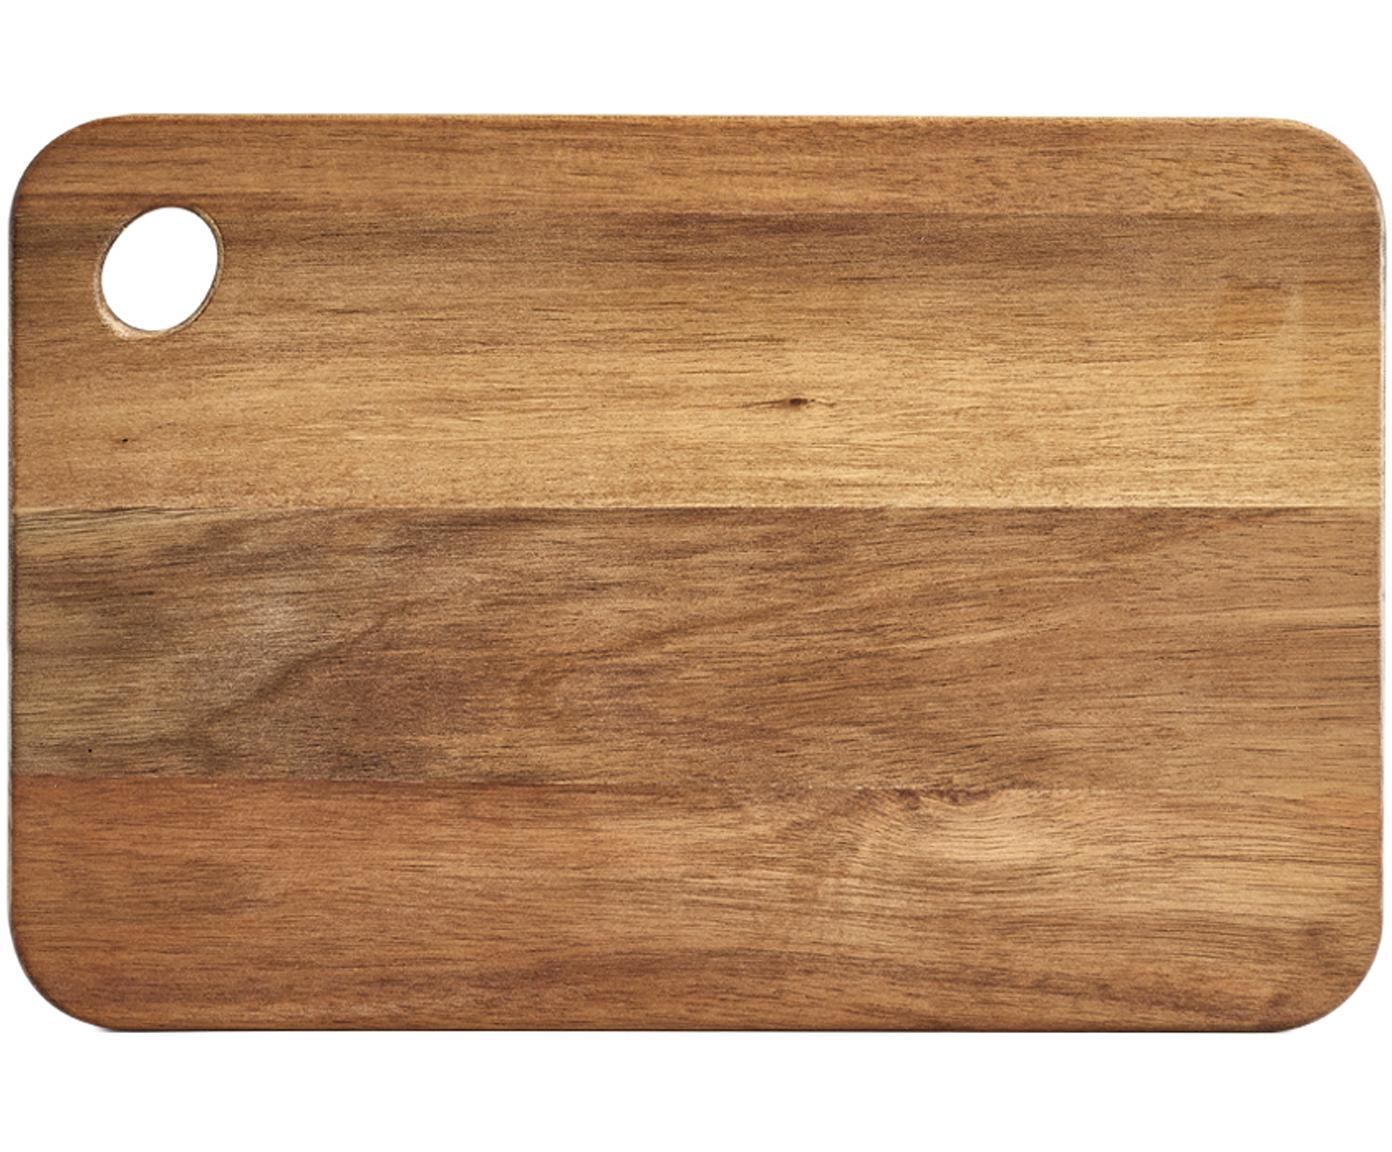 Tagliere in legno di acacia Akana, Legno d'acacia, oliato, Legno d'acacia, Larg. 37 x Prof. 25 cm